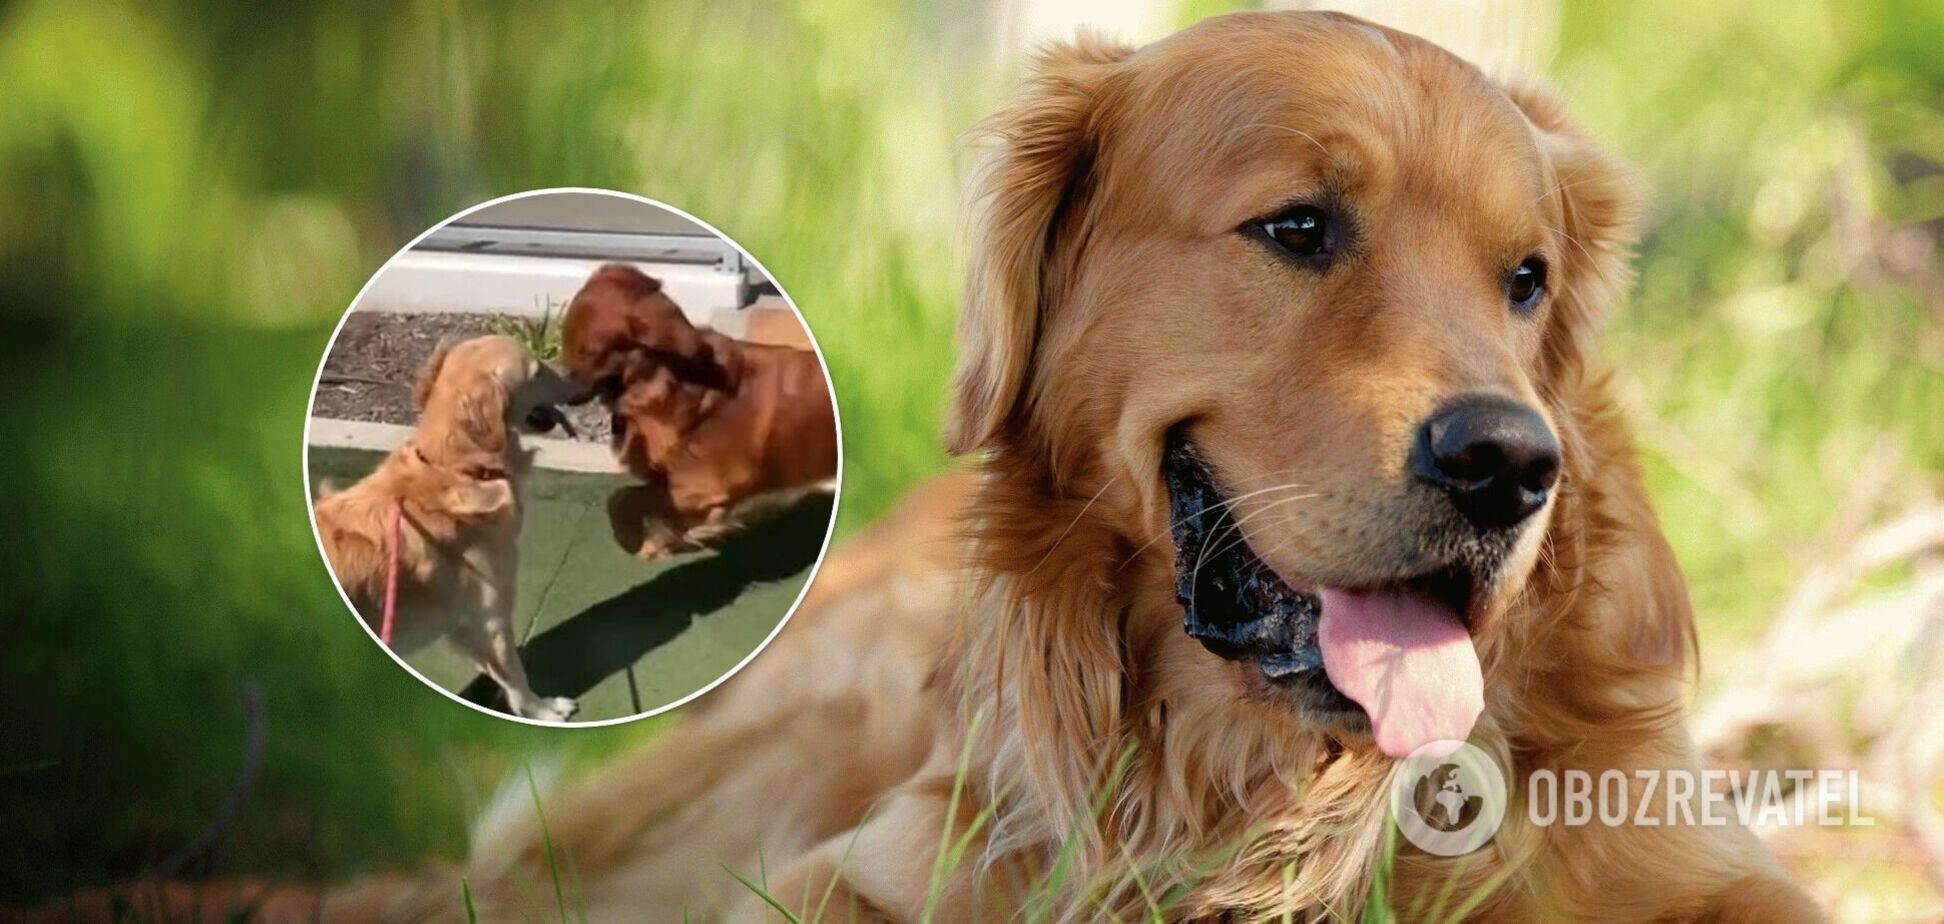 Закохані собаки стали зірками TikTok. Відео